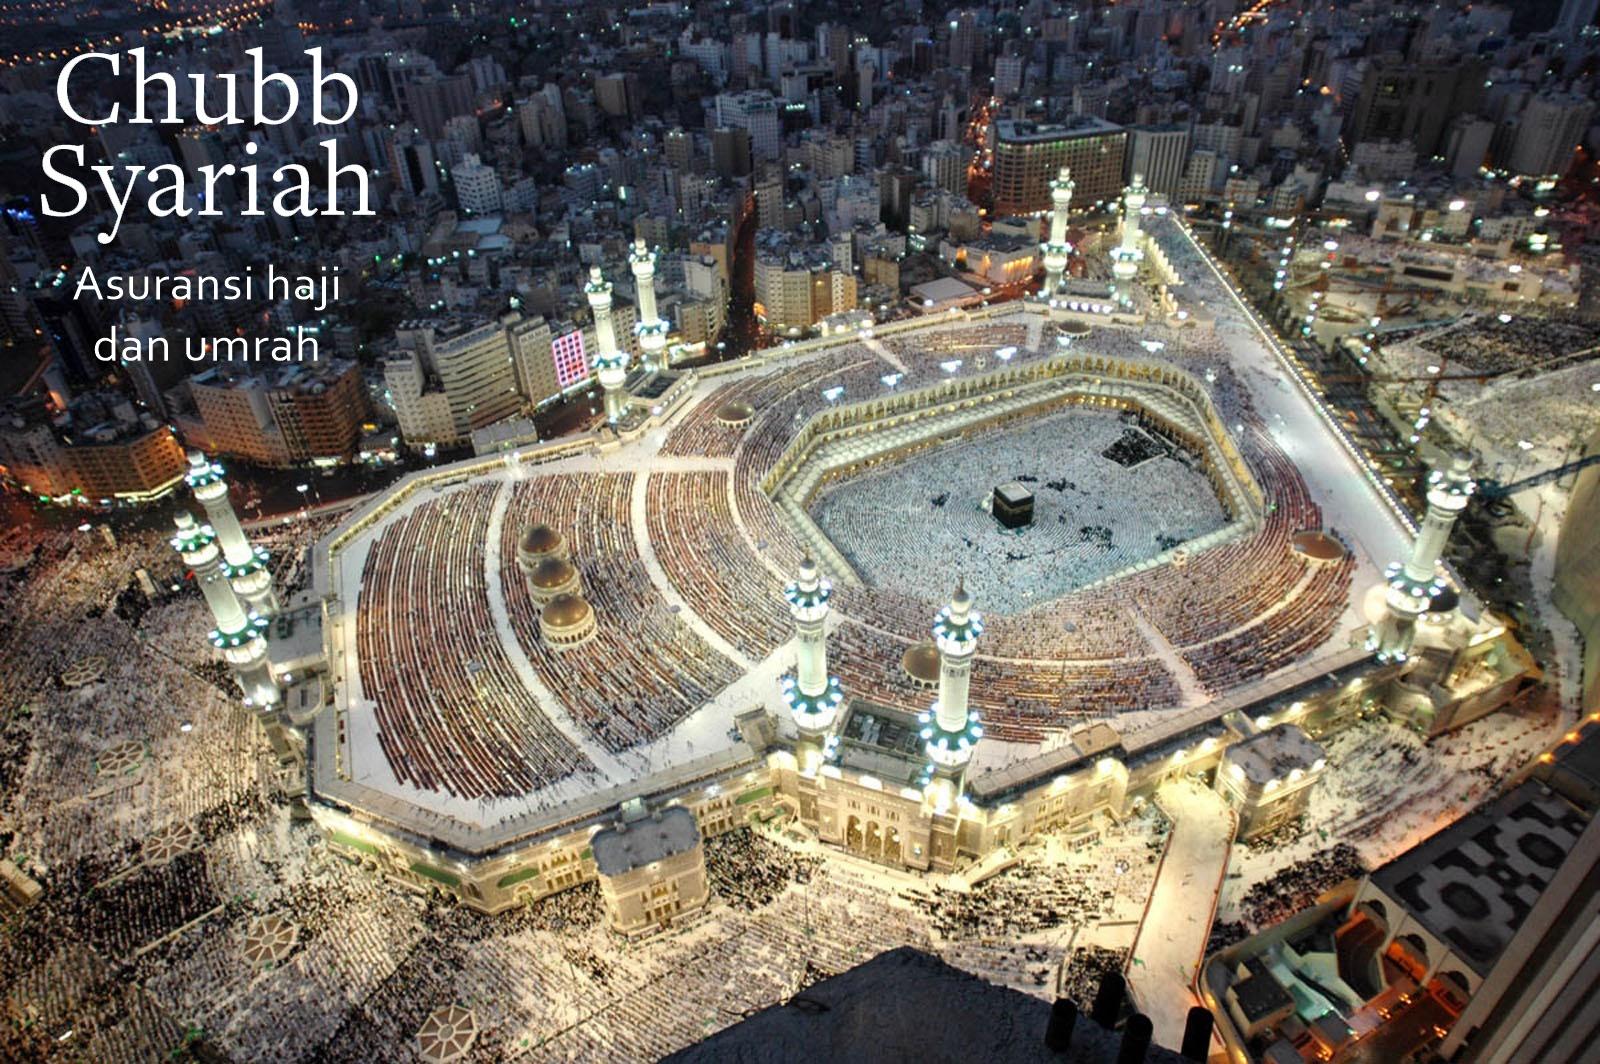 Asuransi Haji dan Umrah